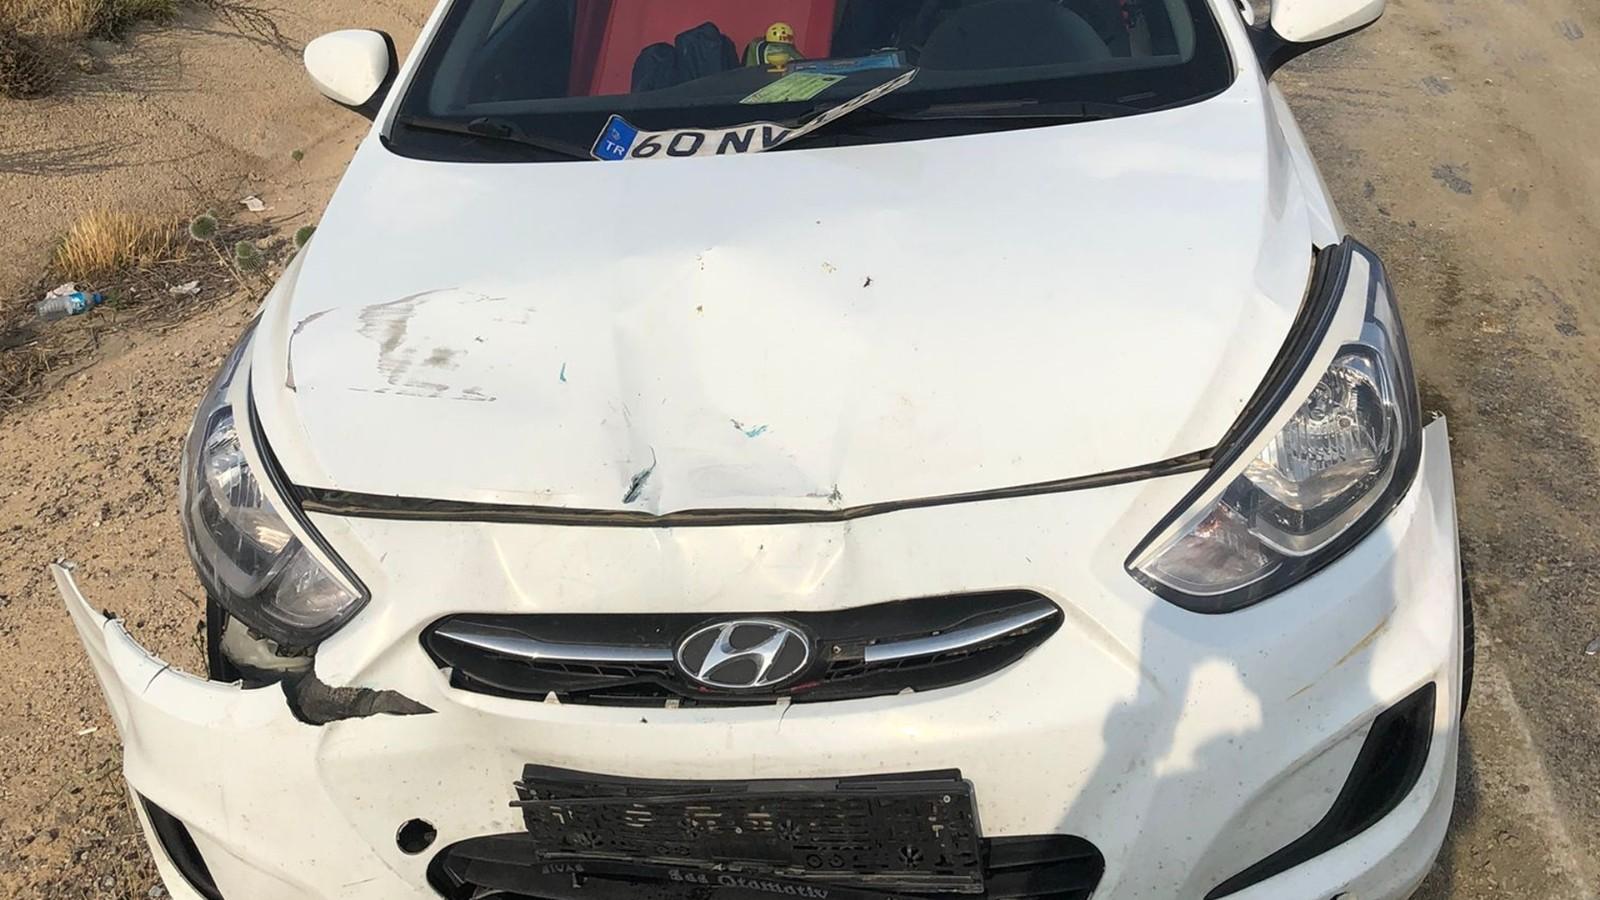 Aynı yönde seyreden iki otomobil çarpıştı: 3 yaralı